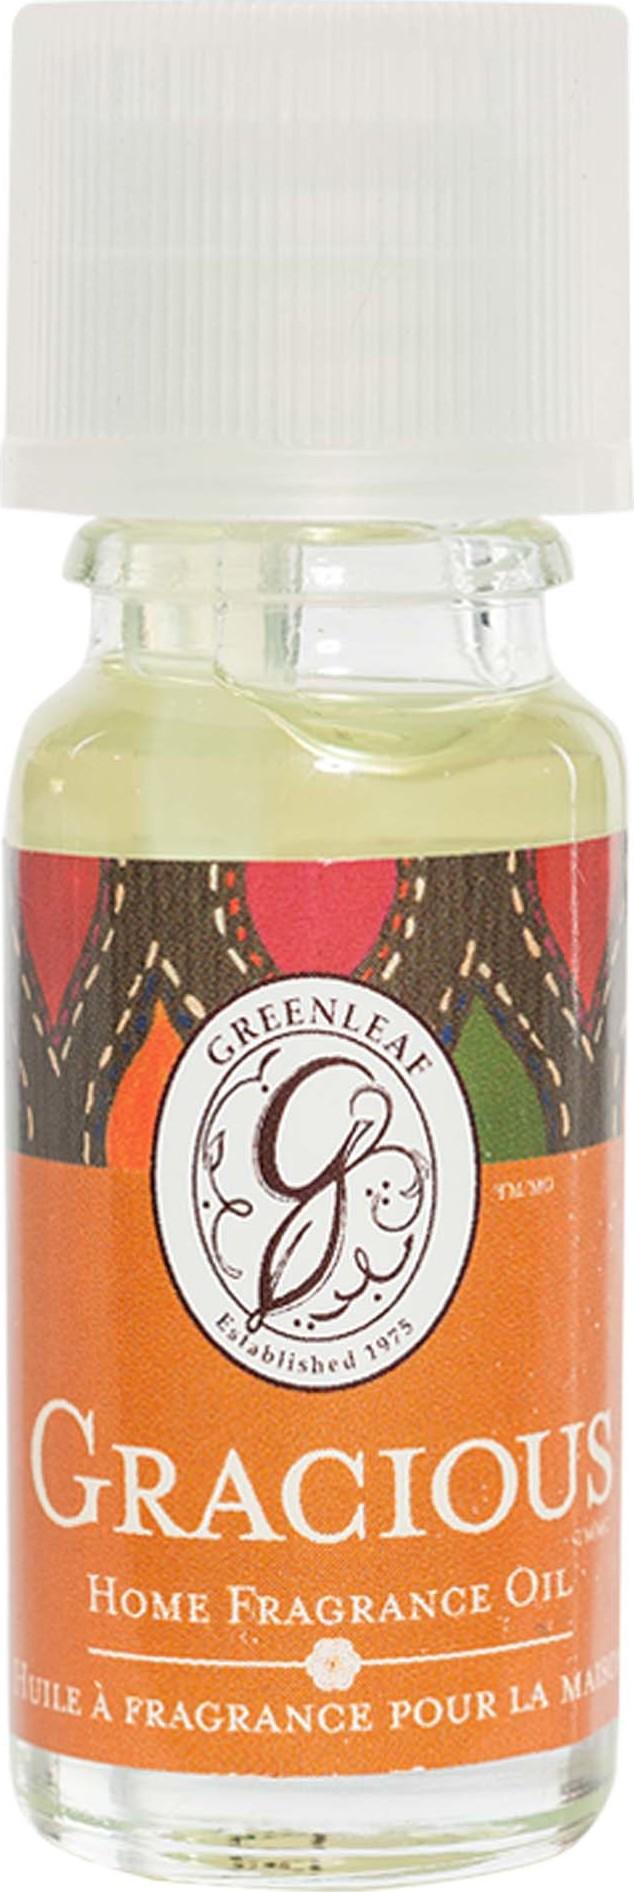 Vonné oleje do aroma lampy Greenleaf